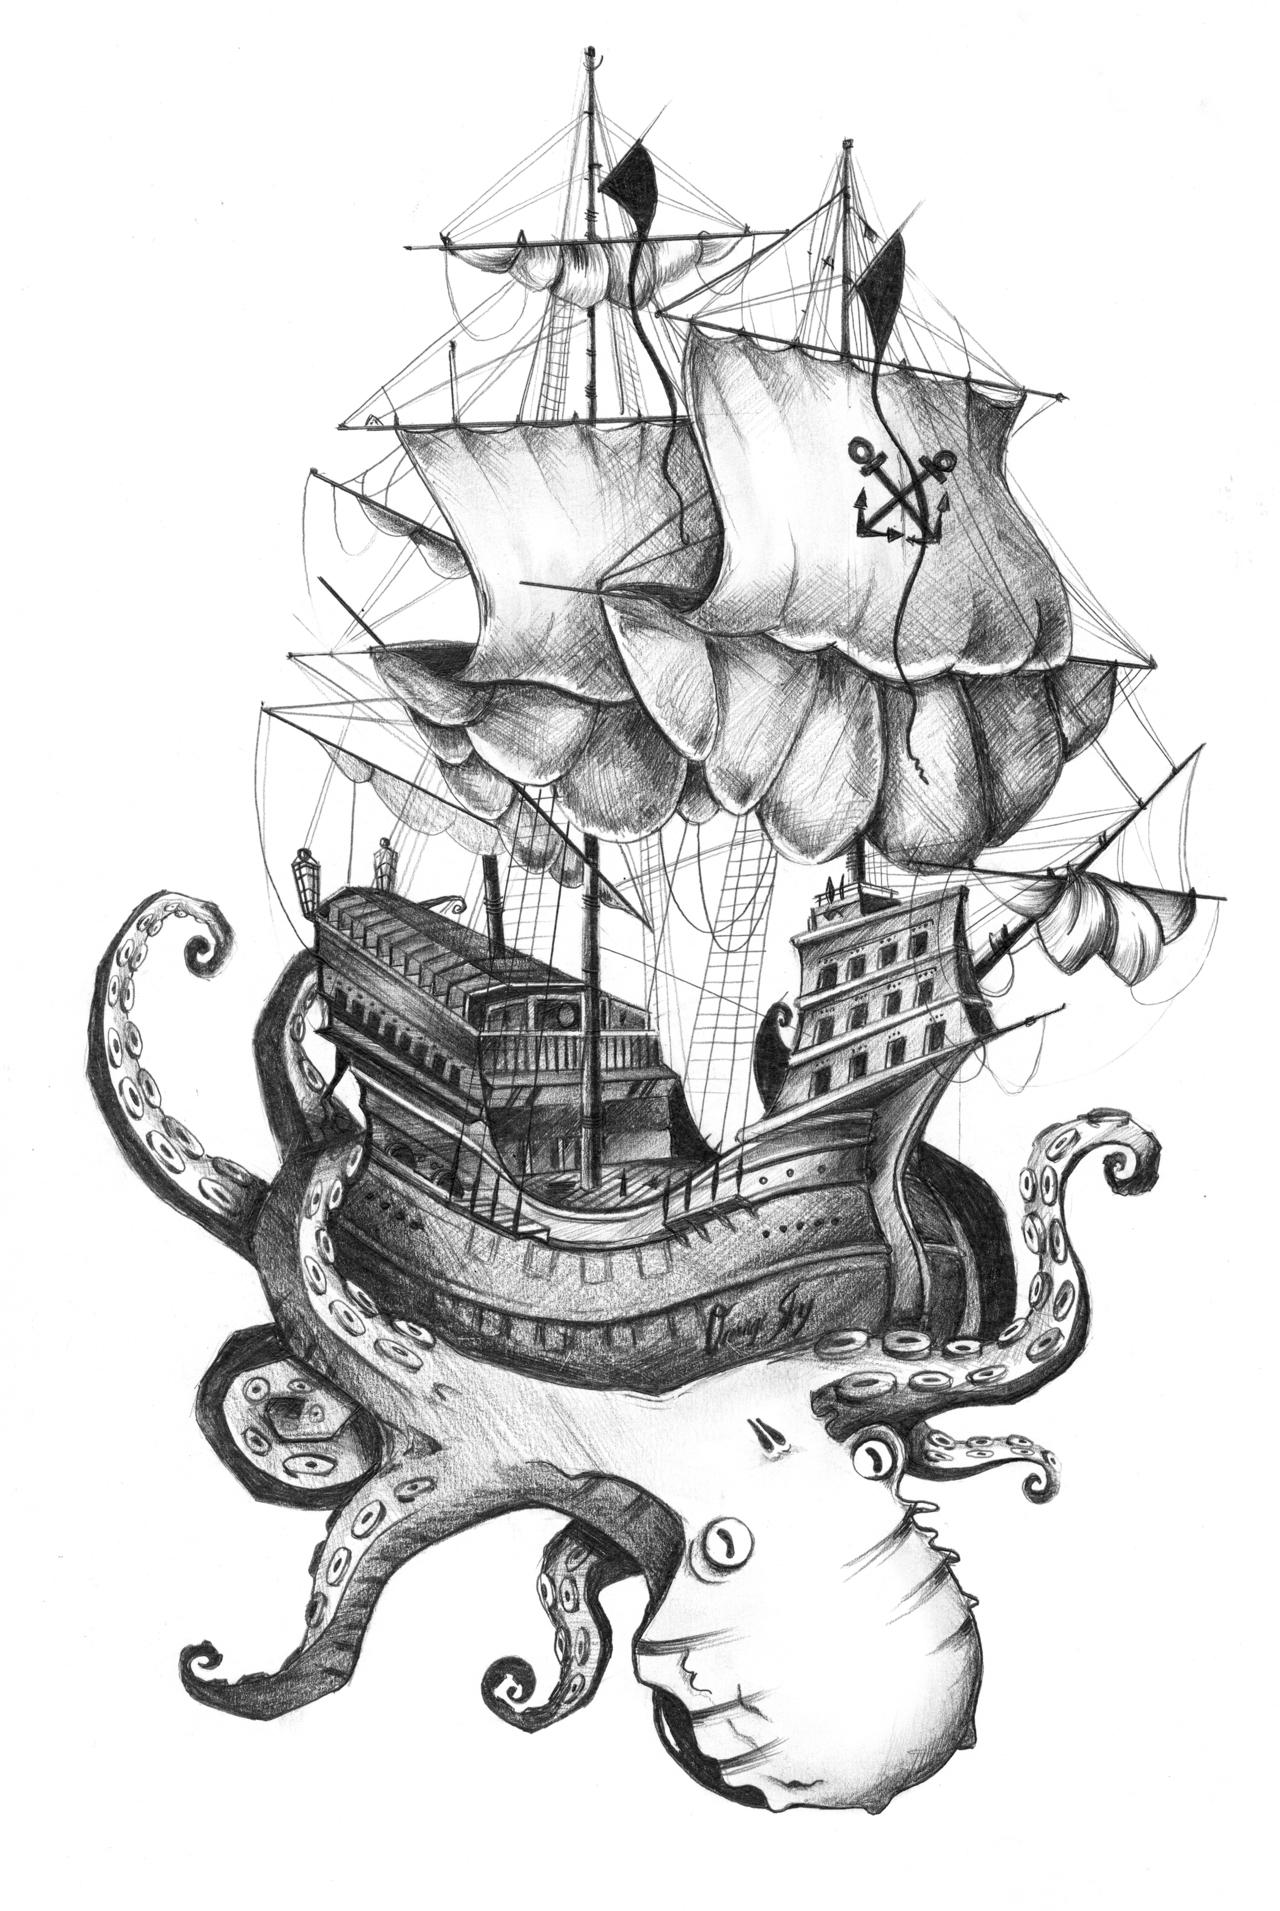 Drawn ship kraken Tumblr com/ Illustration designs http://grincourtrene